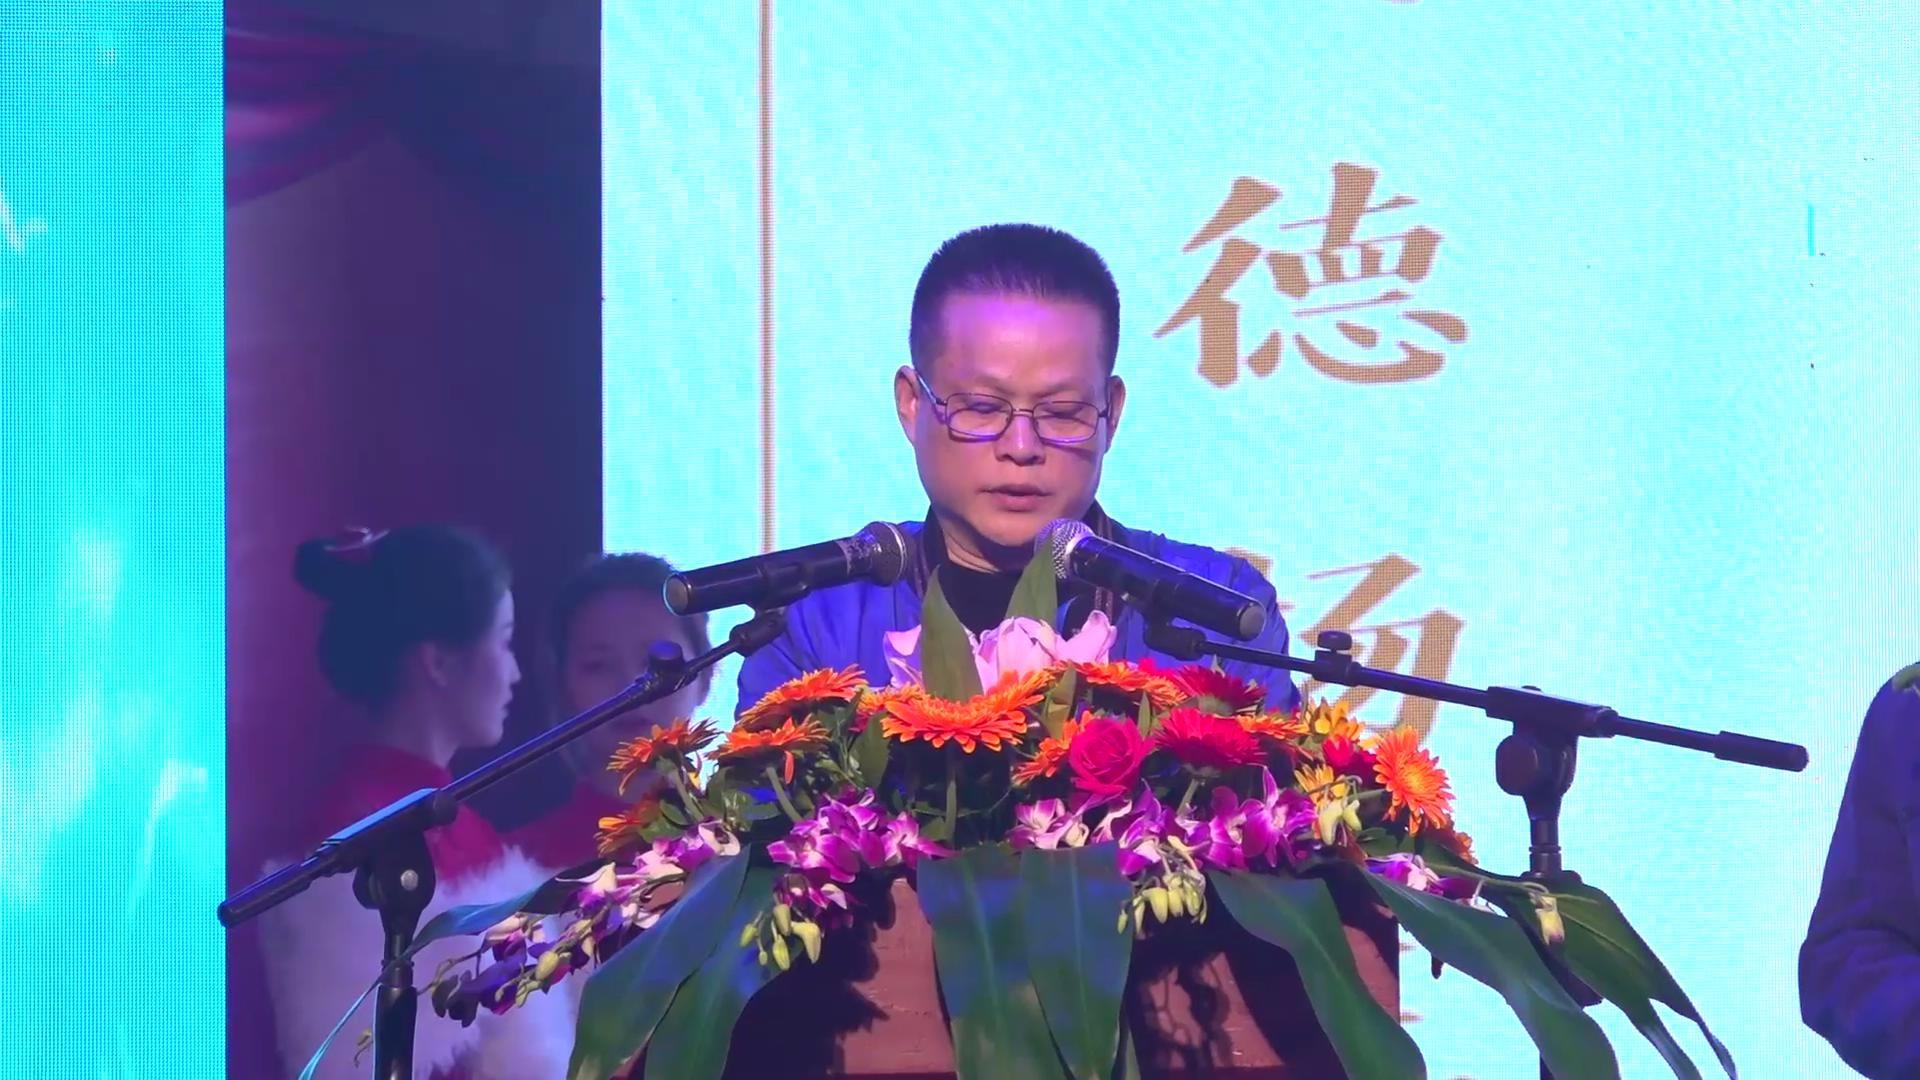 在2019年新时代新发展文艺联欢会上发言 革命烈士后裔   陈婵航